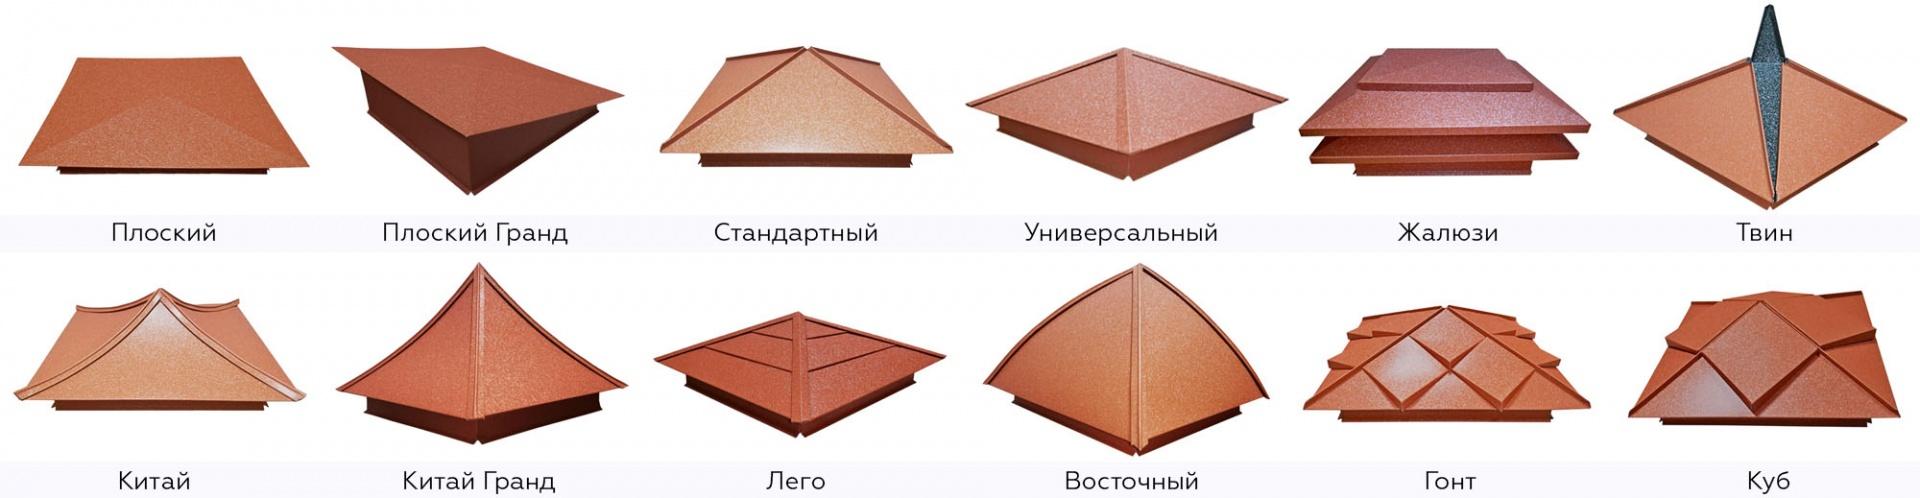 Типы колпаков для столба по форме